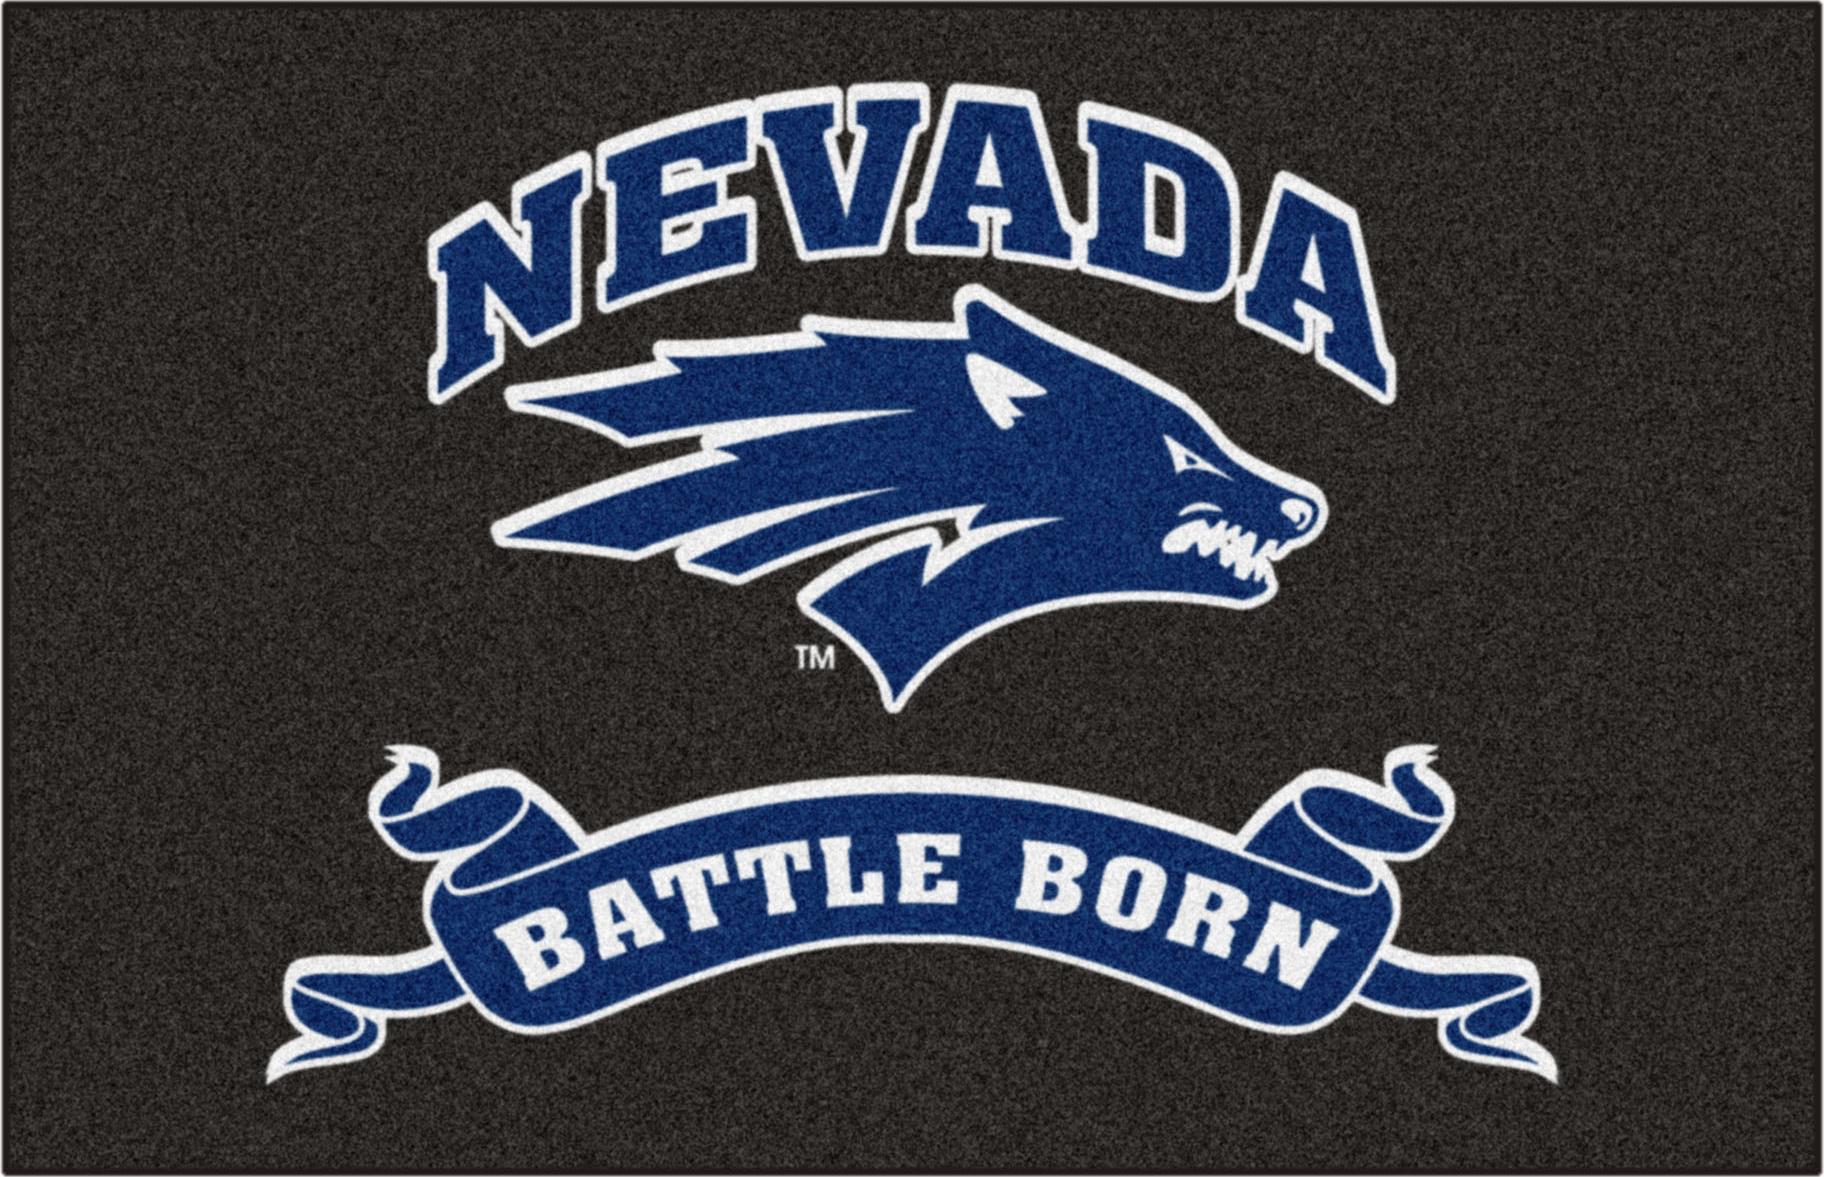 E116207 Fan Mats Ncaa University Of Nevada Starter Mat